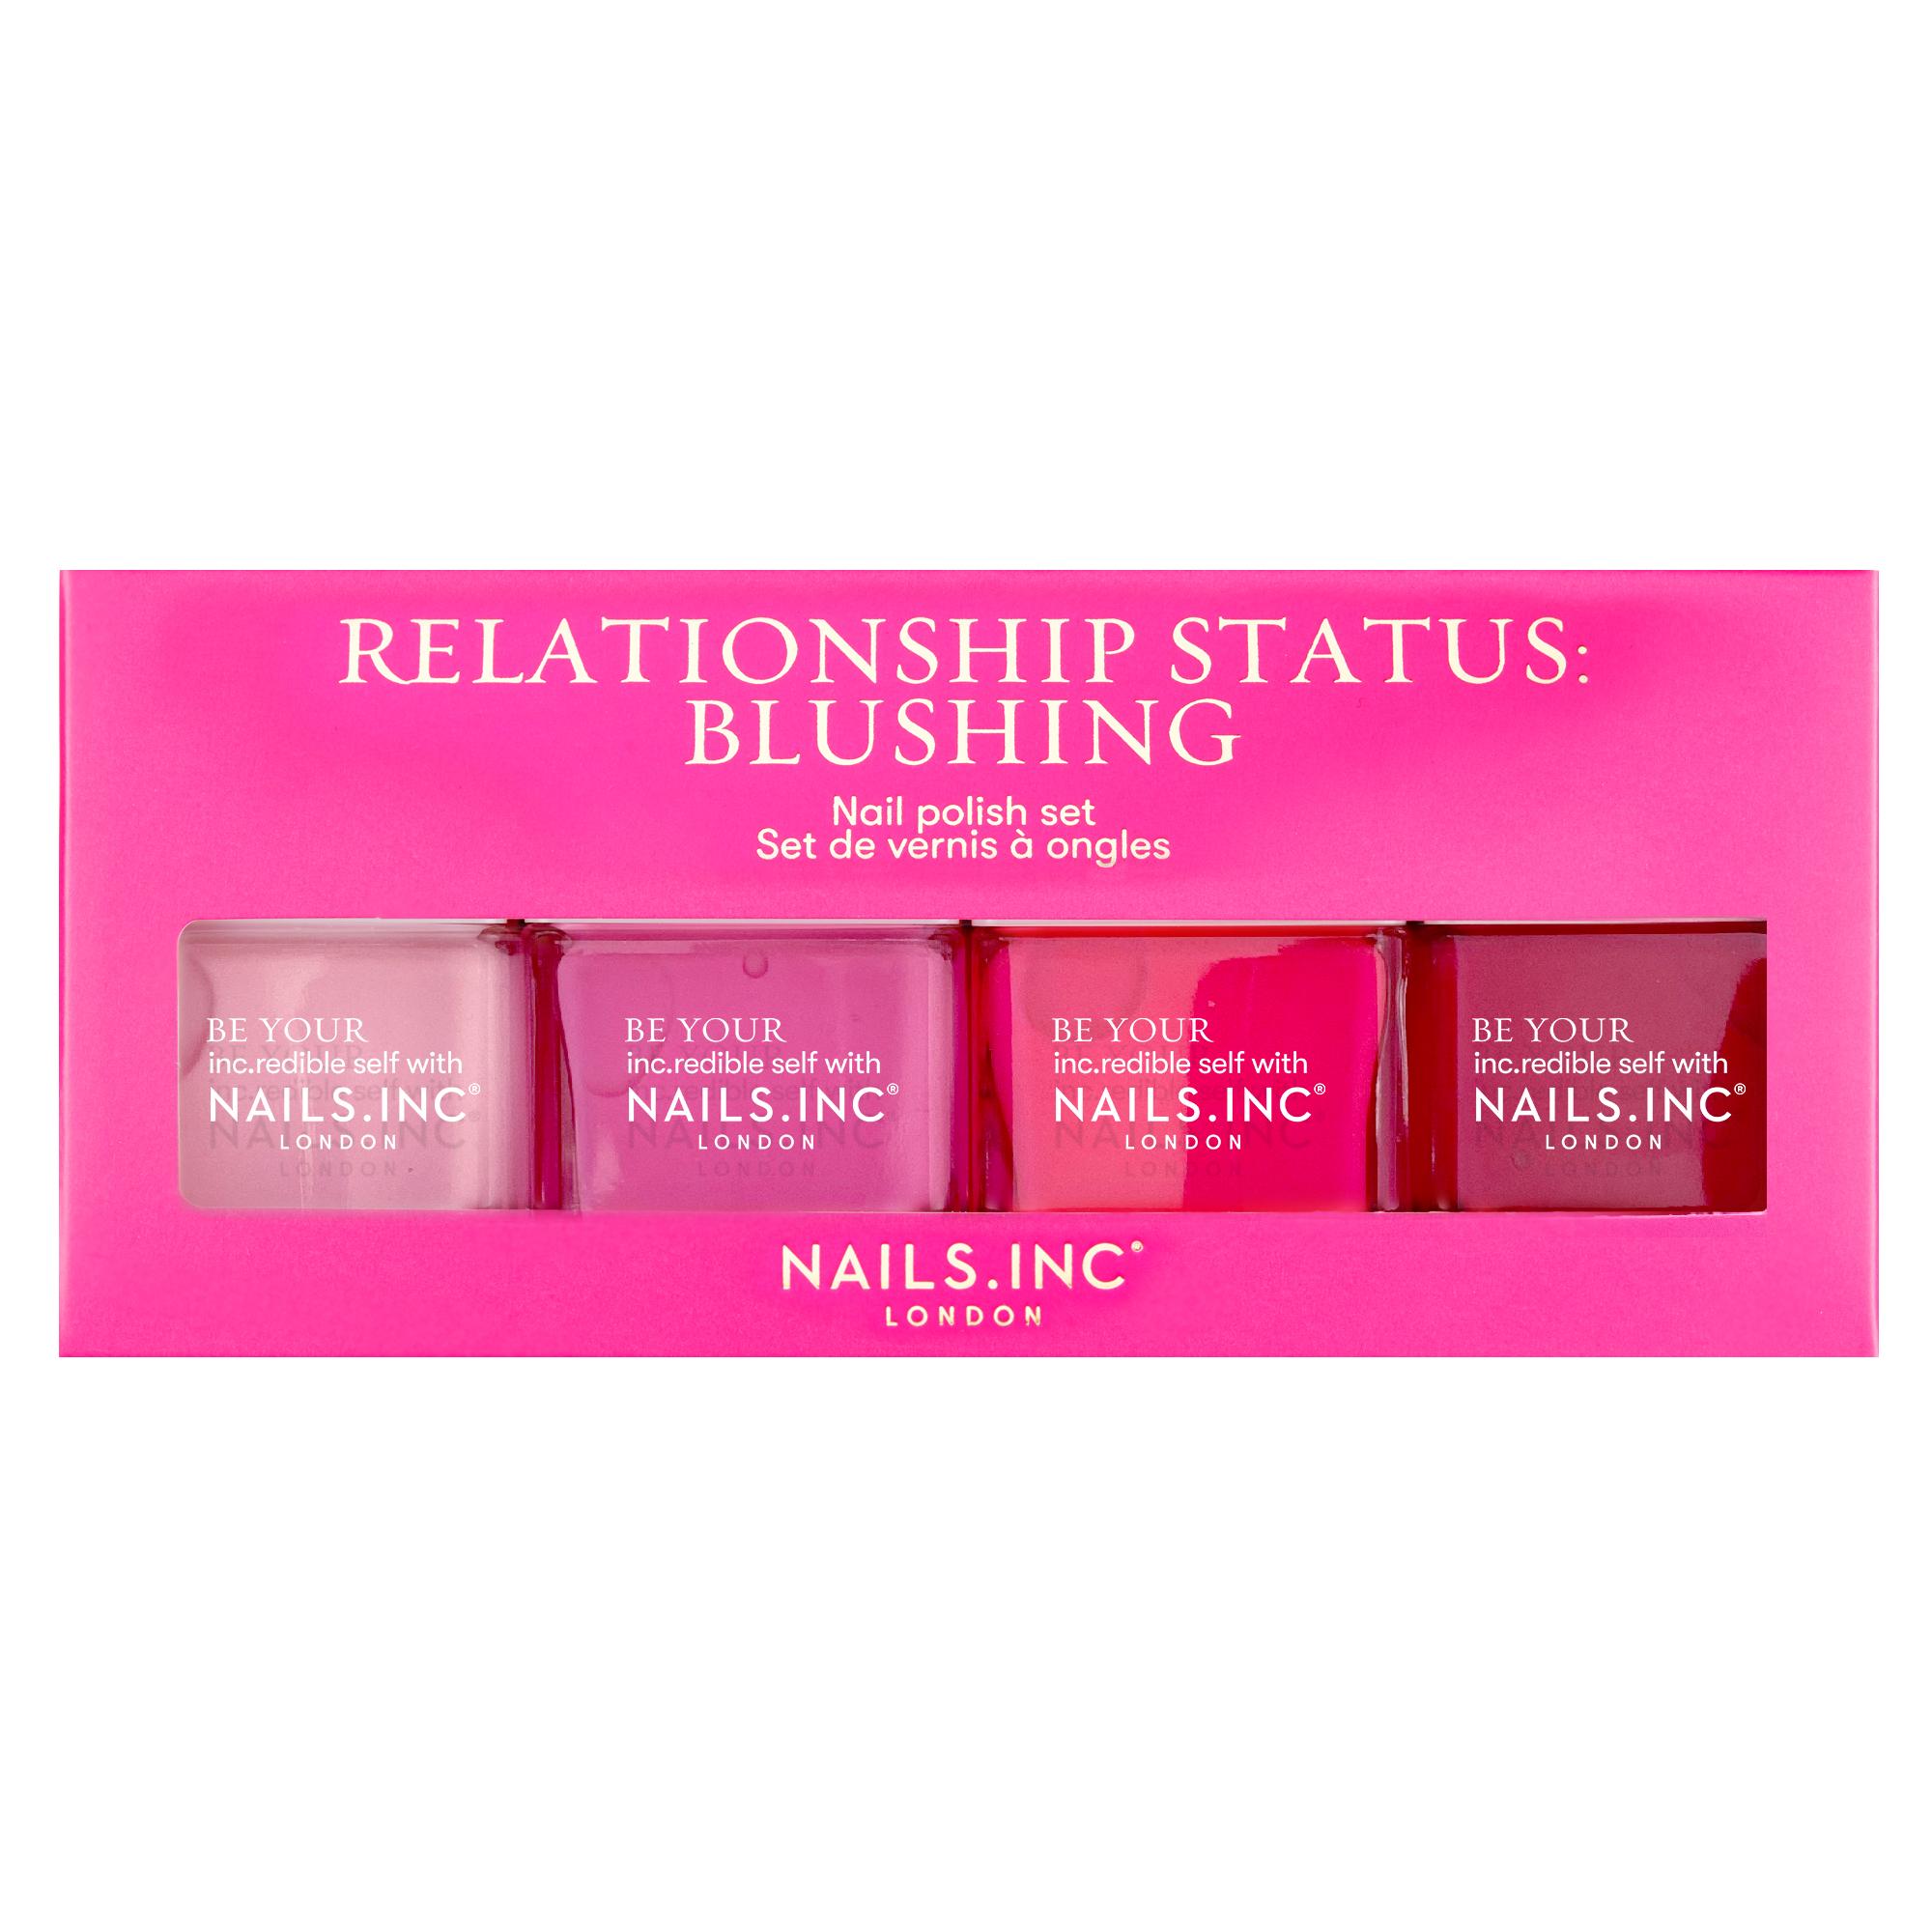 RELATIONSHIP STATUS: BLUSHING 4 PIECE NAIL POLISH SET